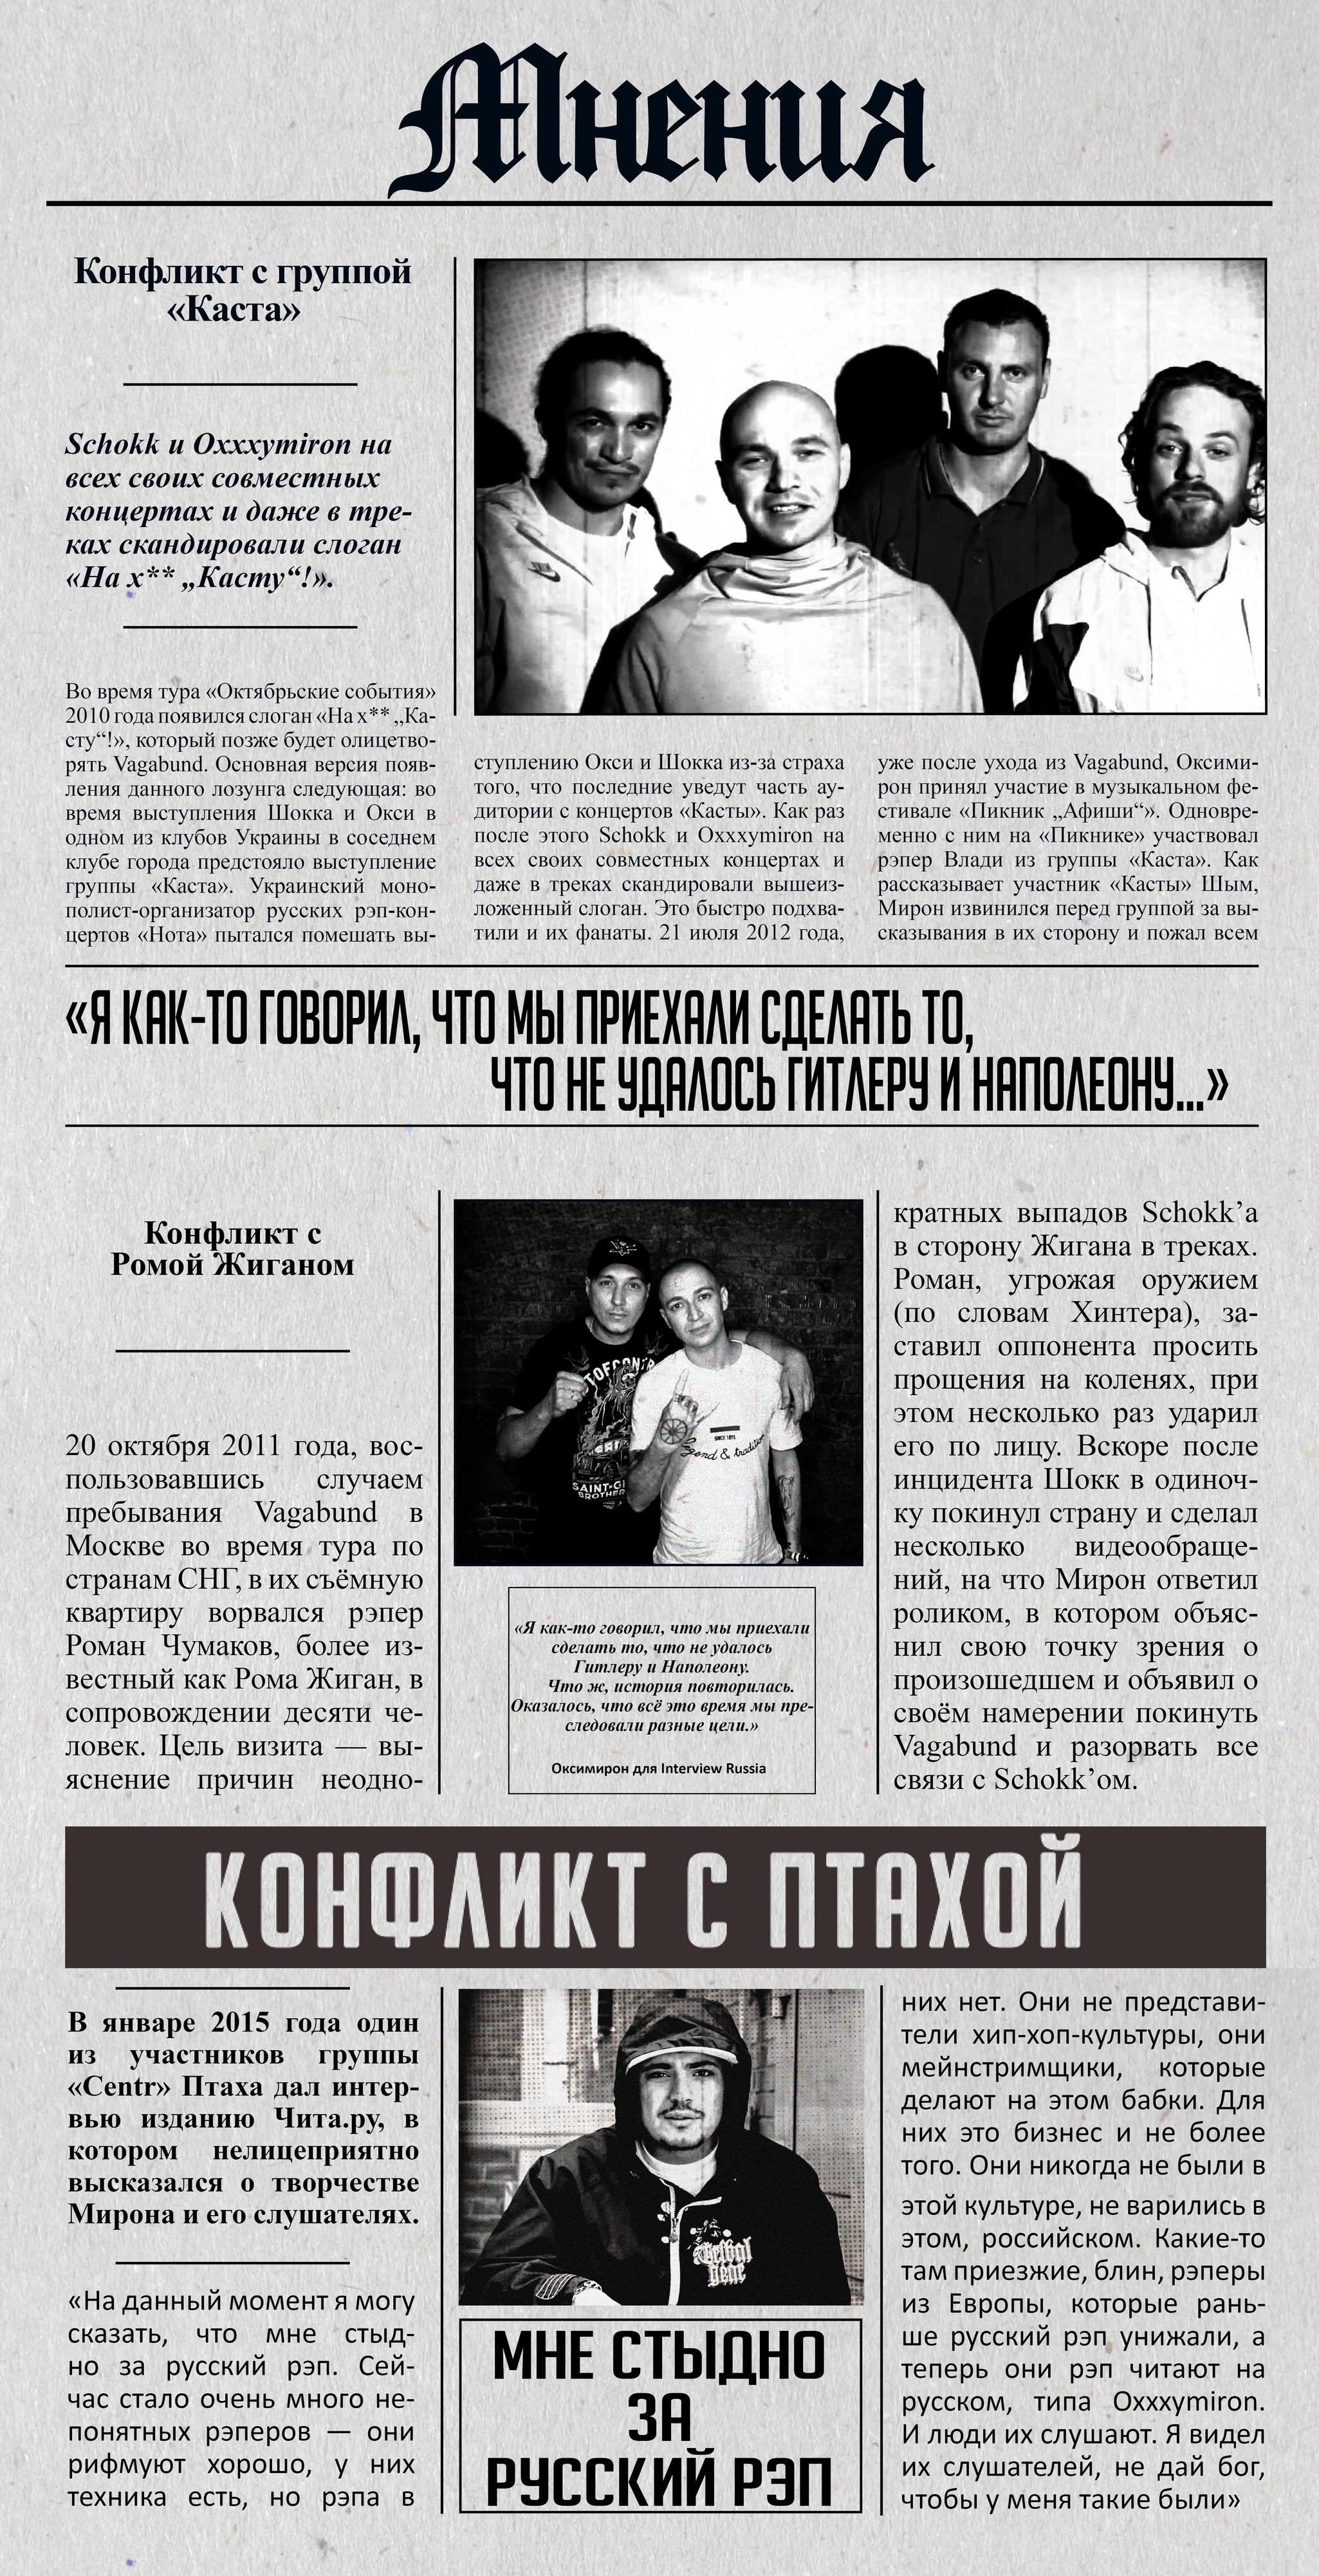 pornuha-ya-blyadina-lyublyu-ebatsya-kapris-konchayut